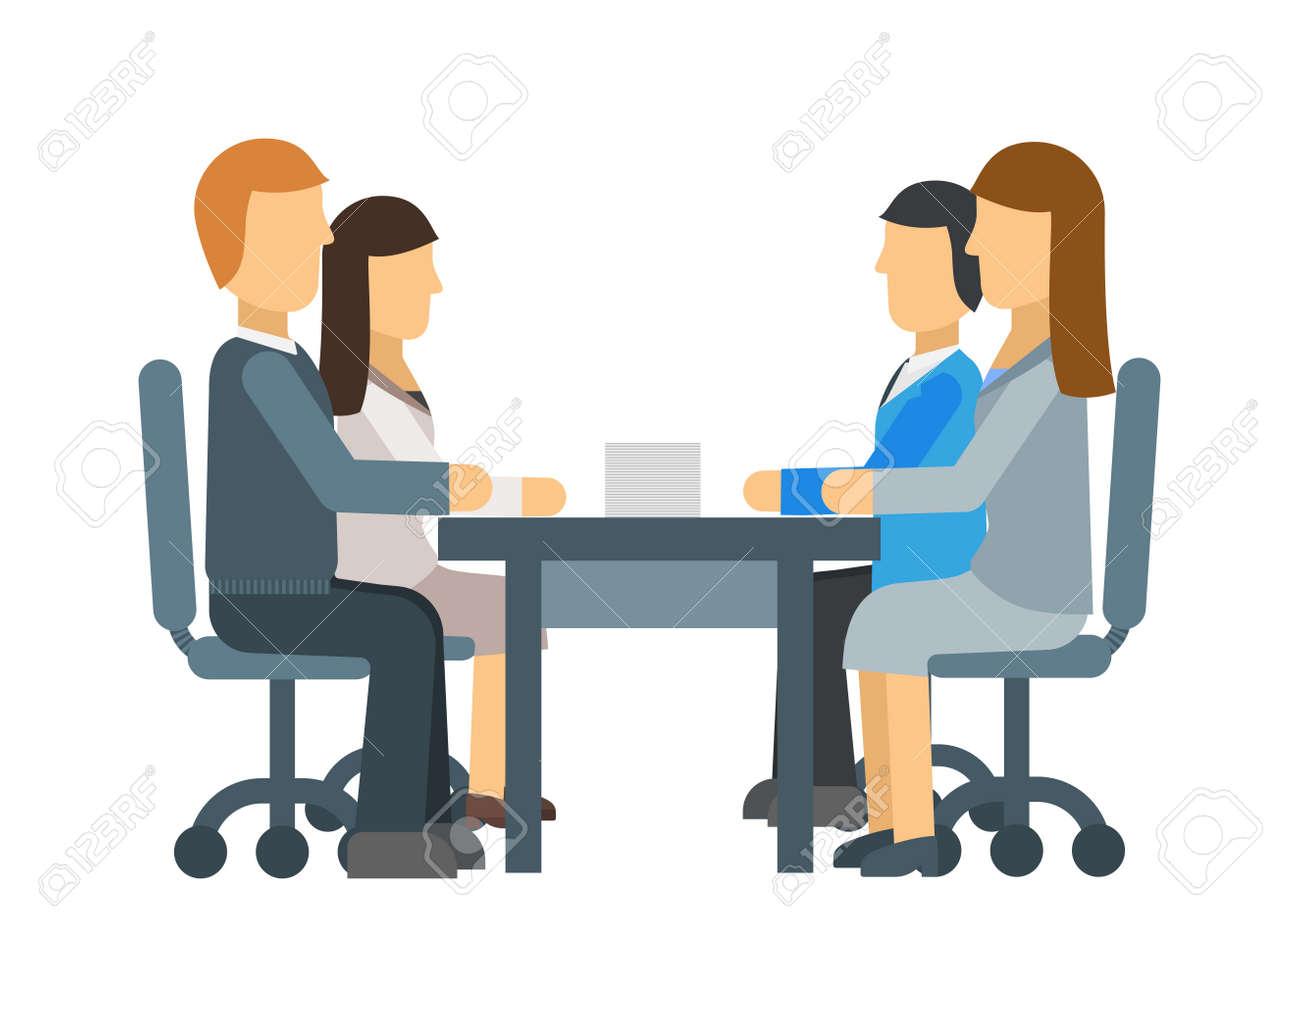 Lavoro Ufficio Clipart : Incontro di lavoro in un caffè incontro di lavoro illustrazione